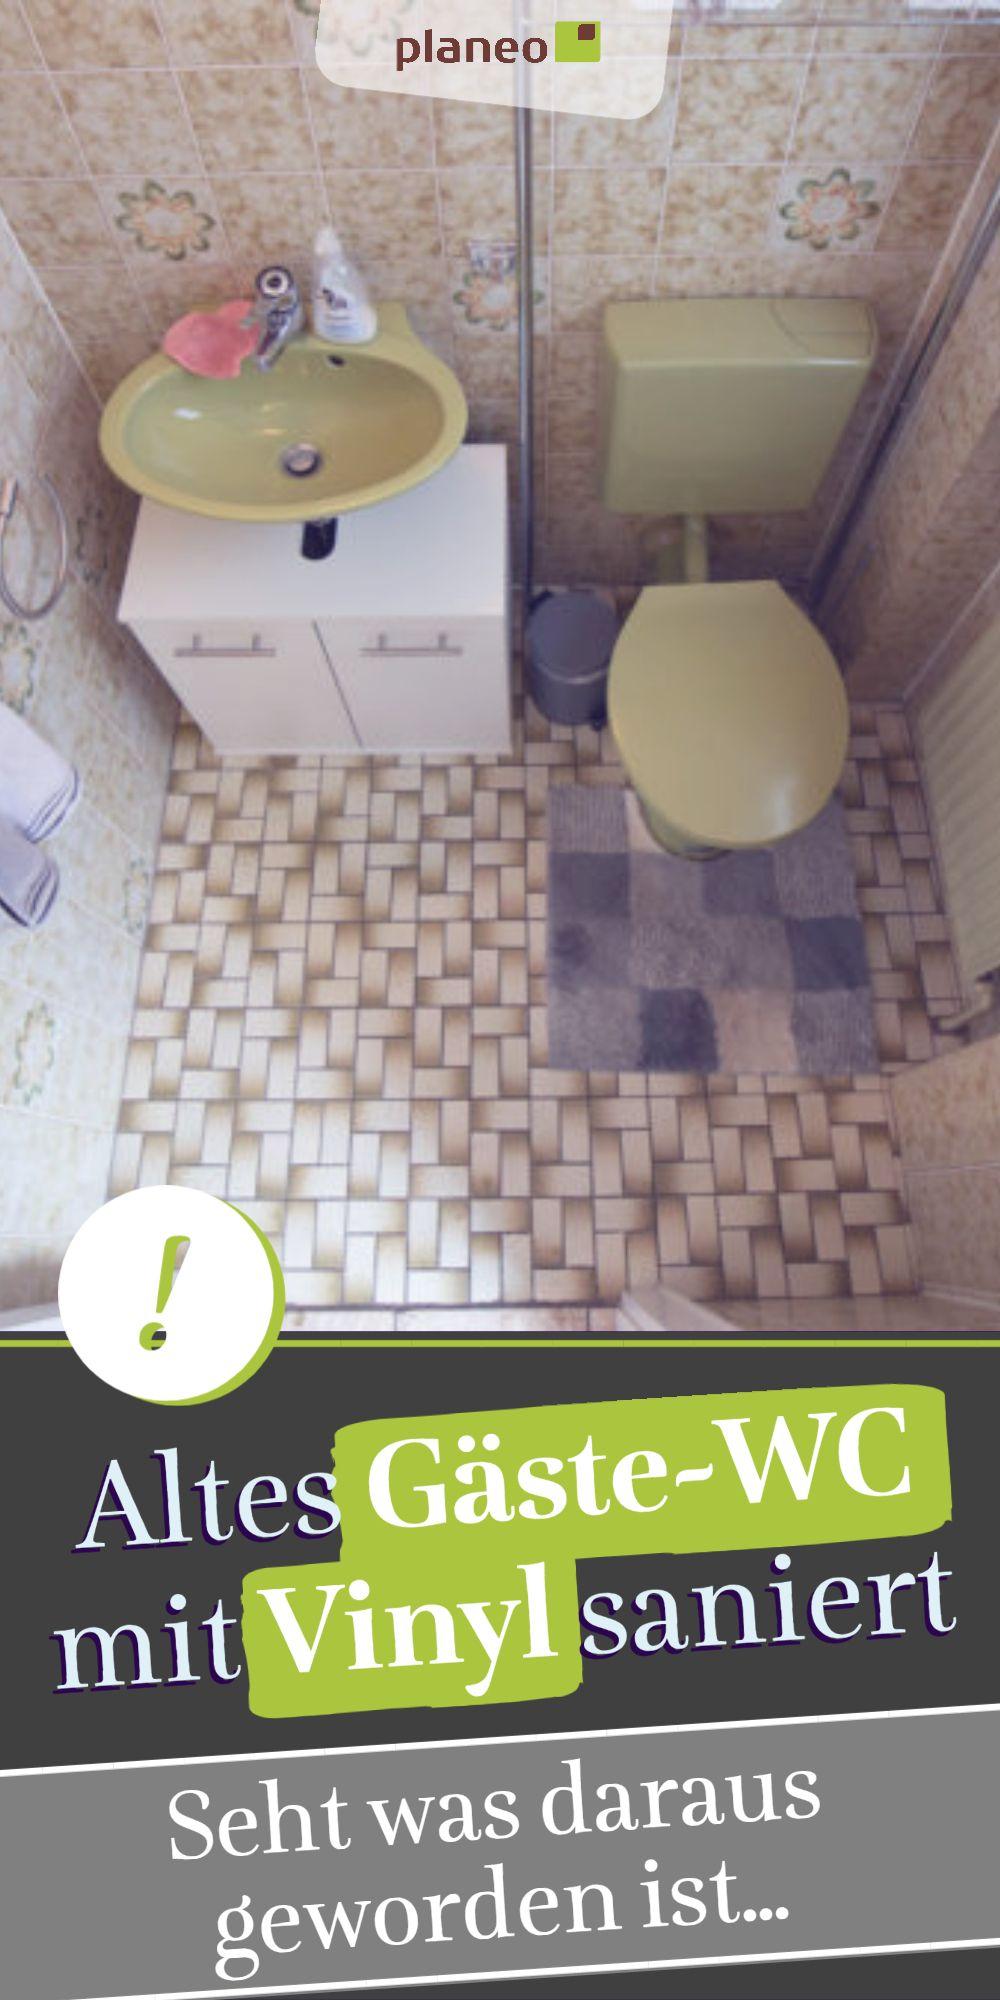 Gaste Wc Renovieren Wc Sanierung Mit Vinylboden In 5 Schritten Auch Im Bad Durchfuhrbar In 2020 Wc Renovieren Gaste Wc Vinylboden